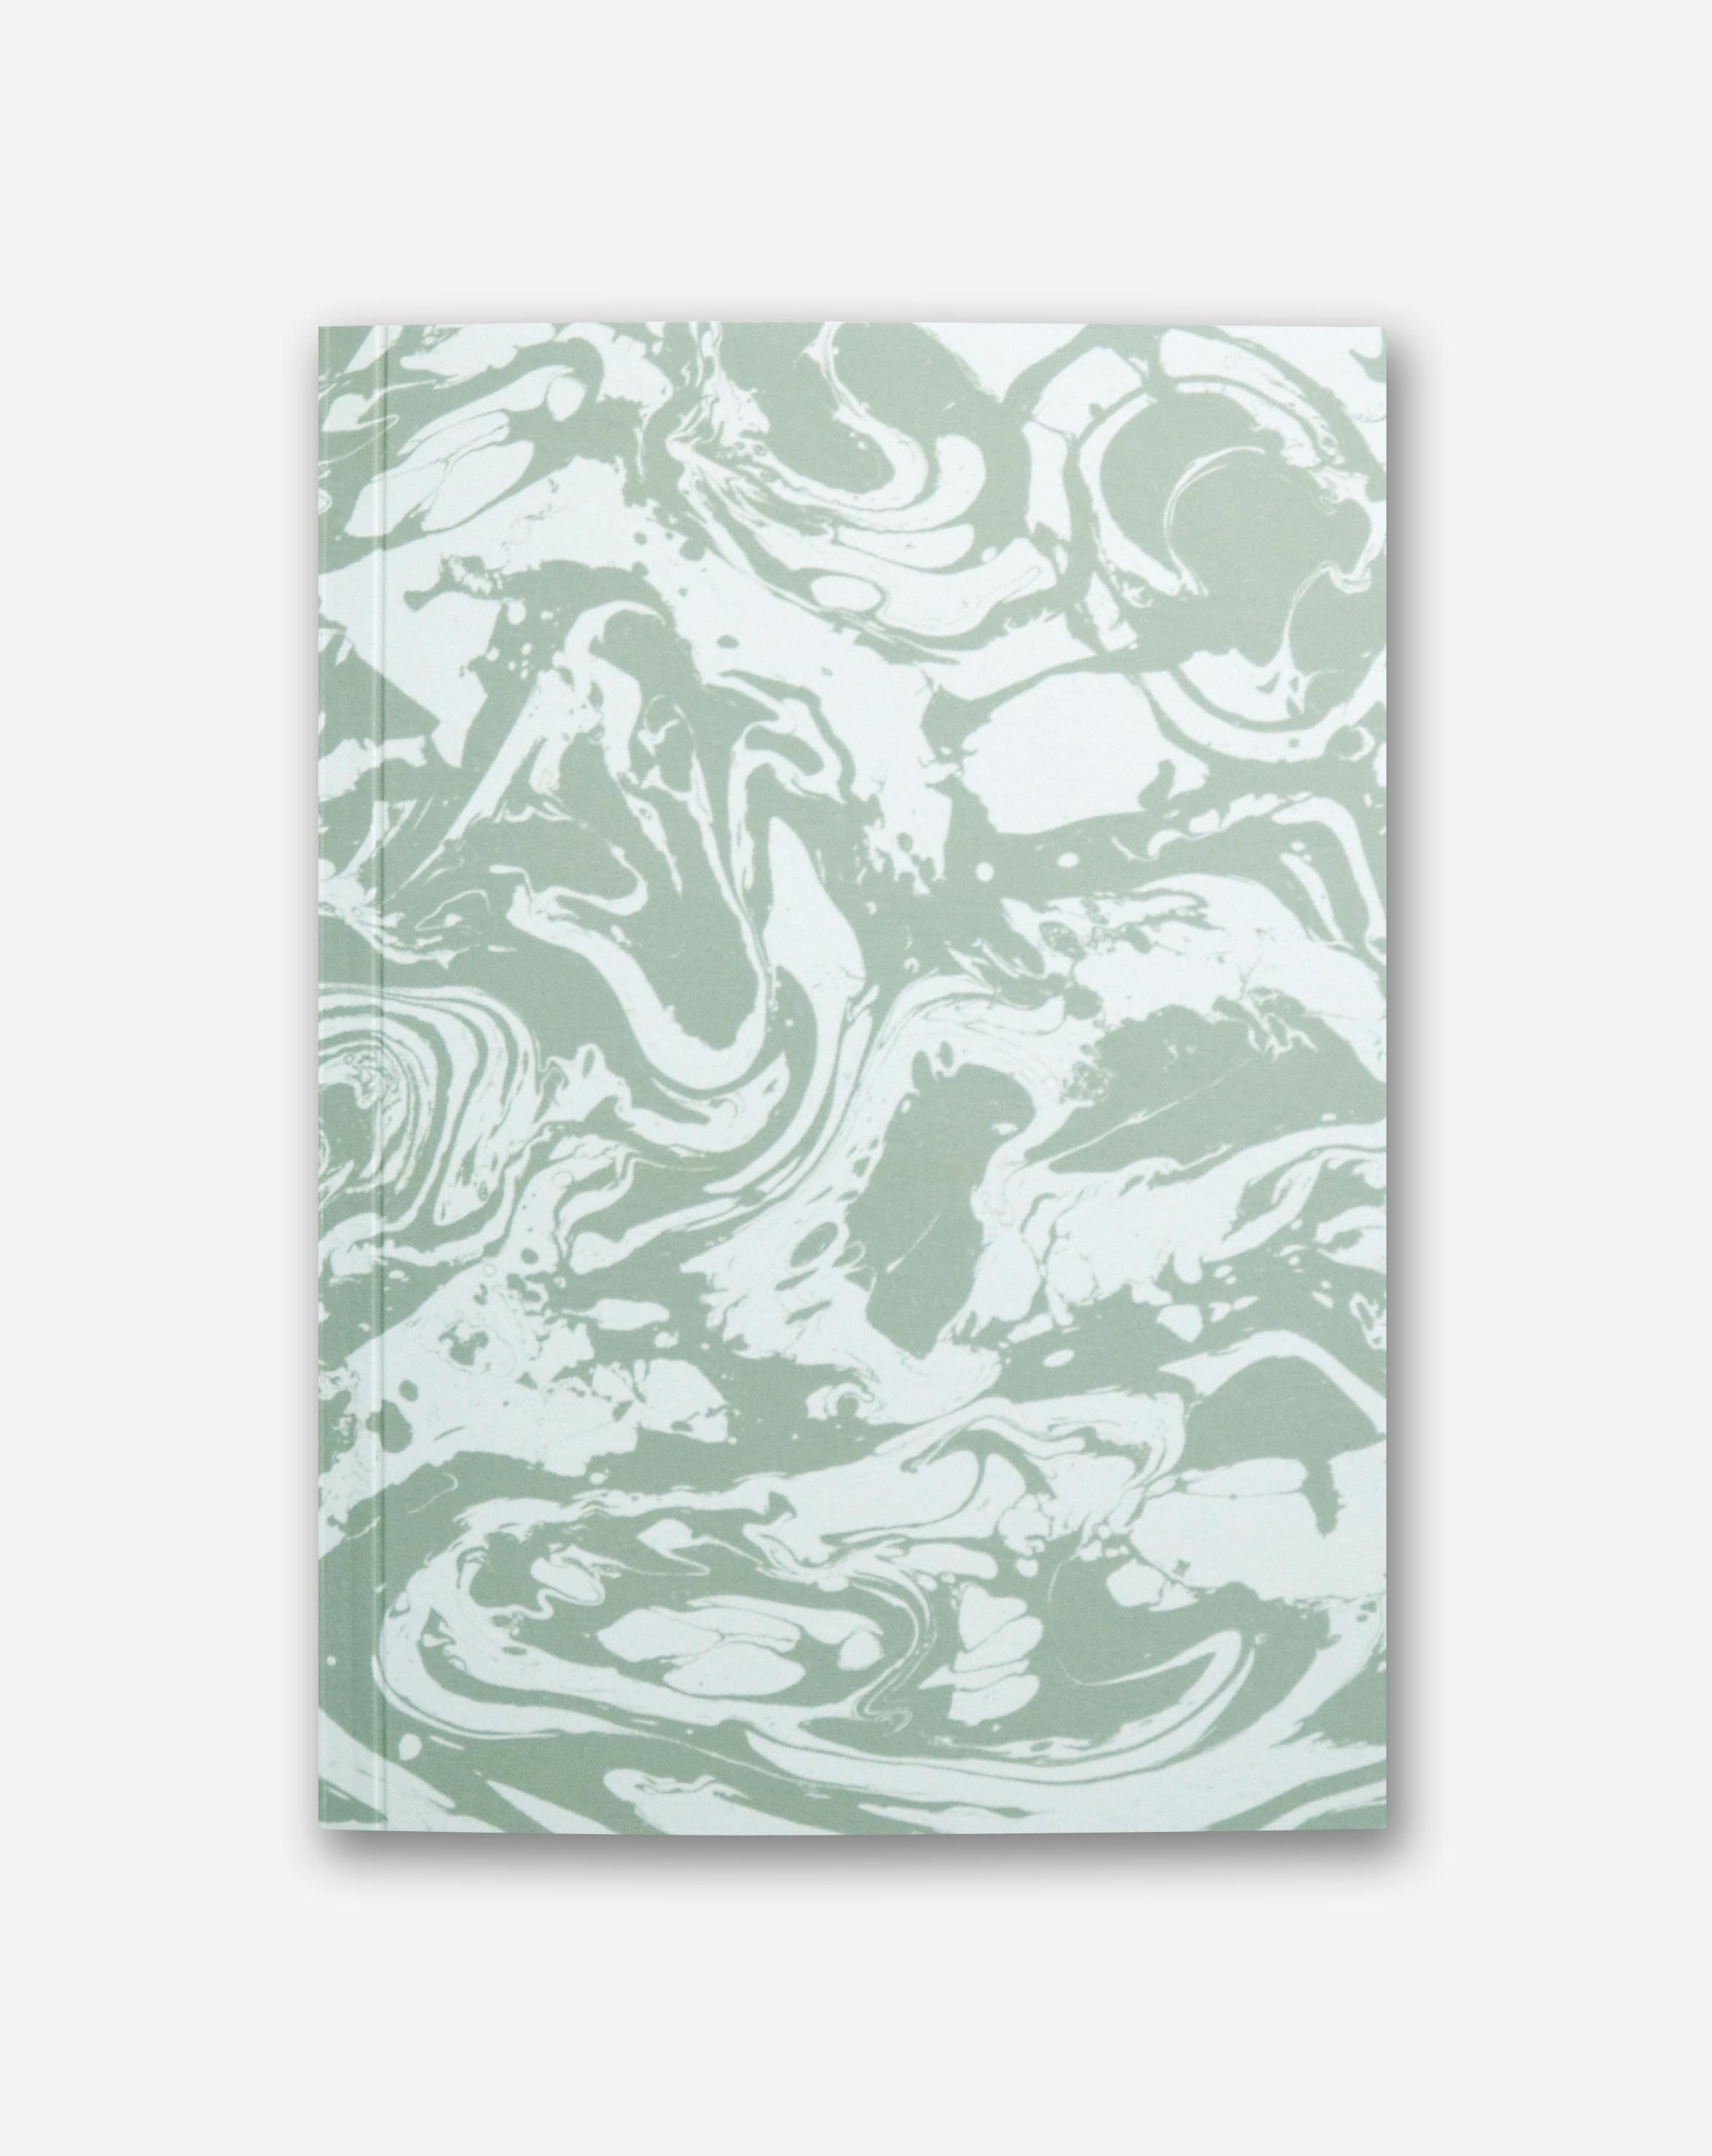 A6 Notebook Photograph - Green.jpg